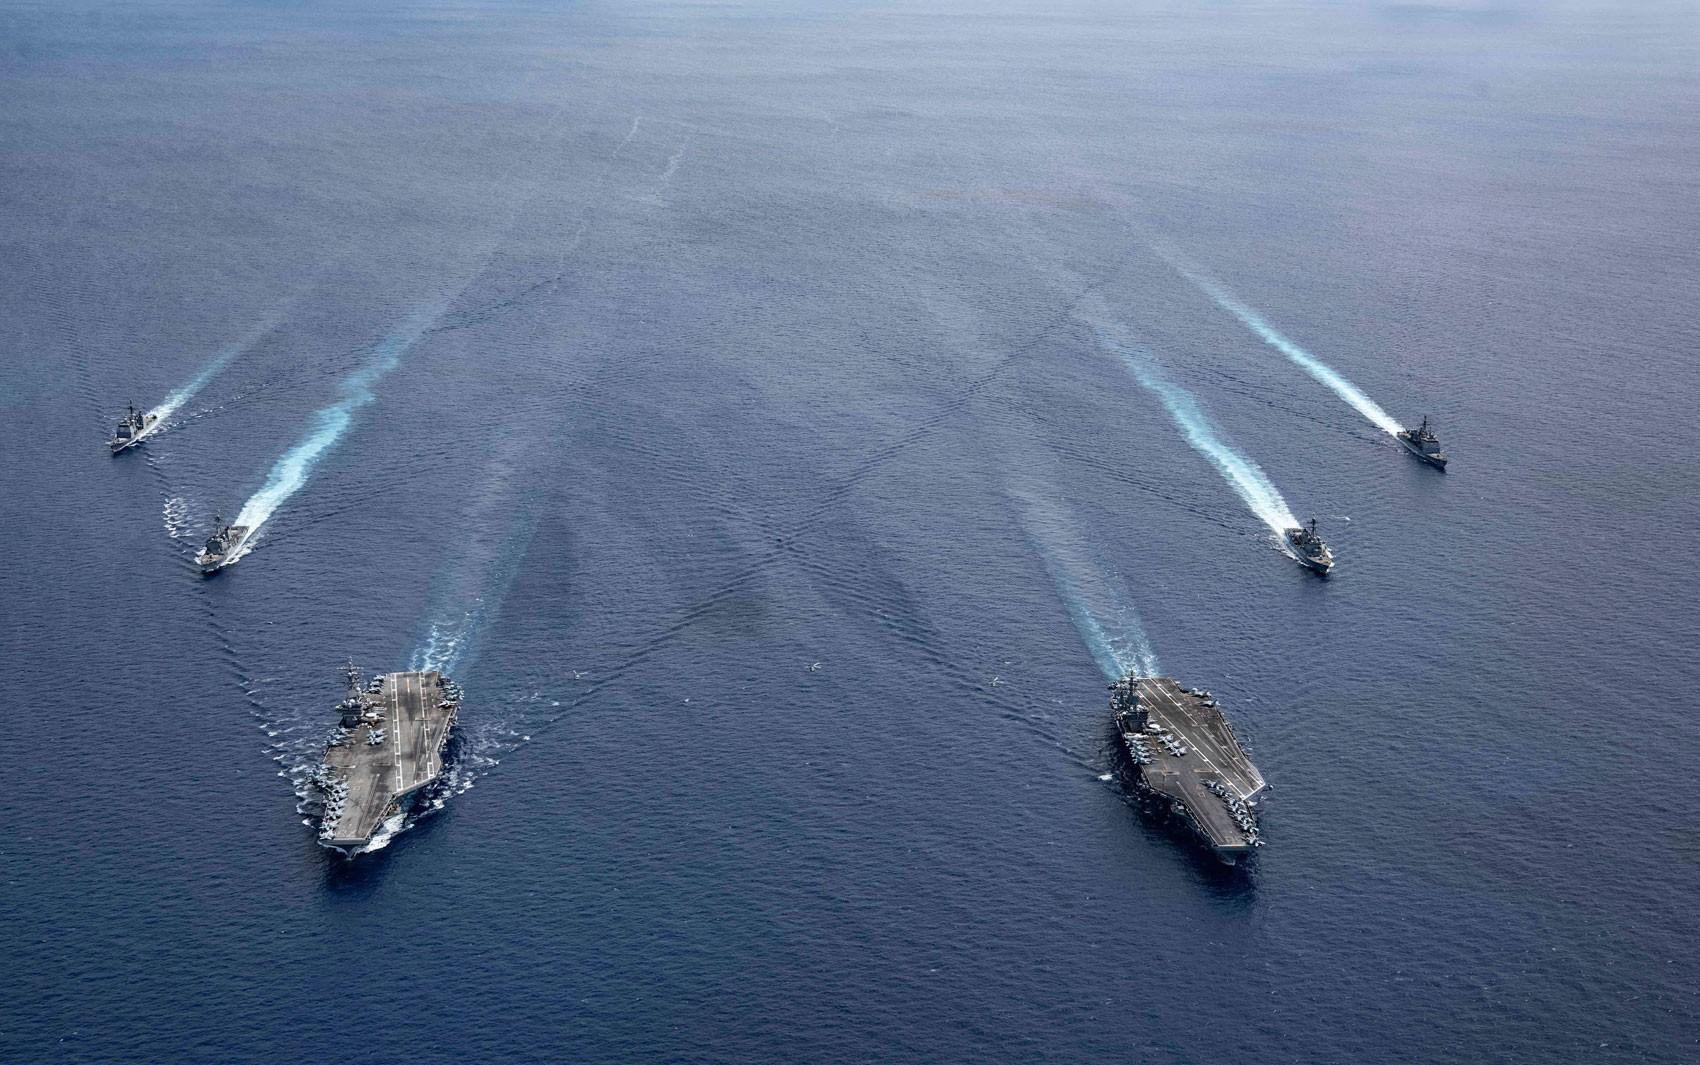 EUA consideram 'ilegais' reivindicações de Pequim no Mar da China Meridional